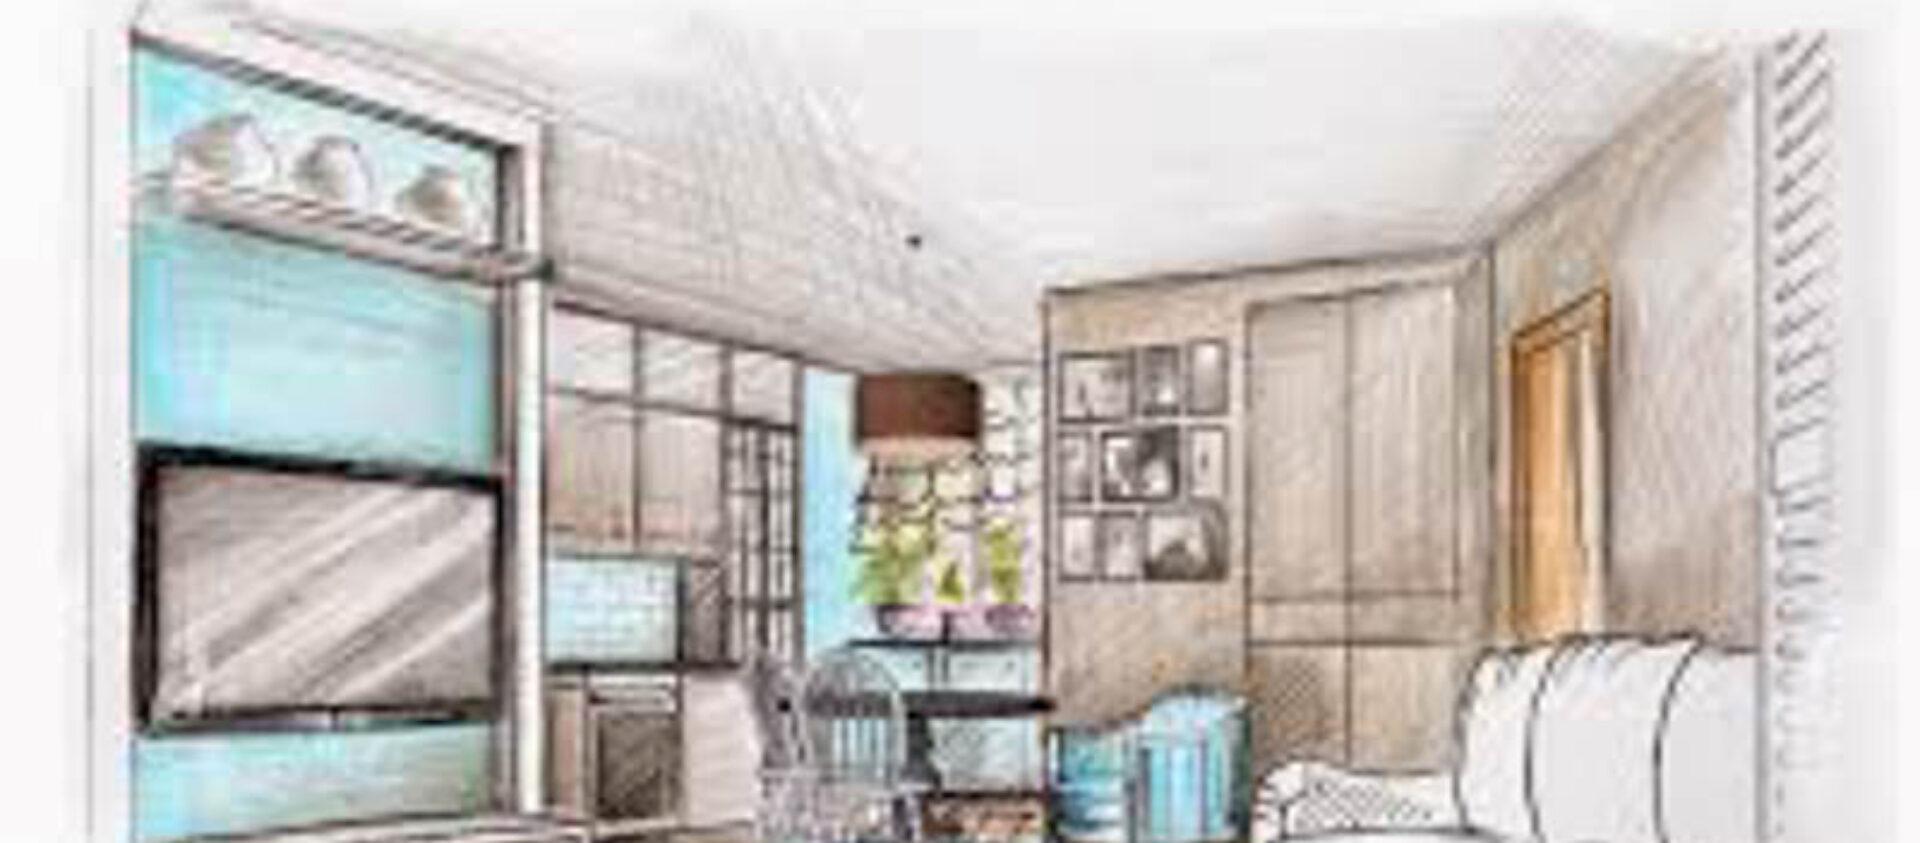 проект шкафа и натяжного потолка